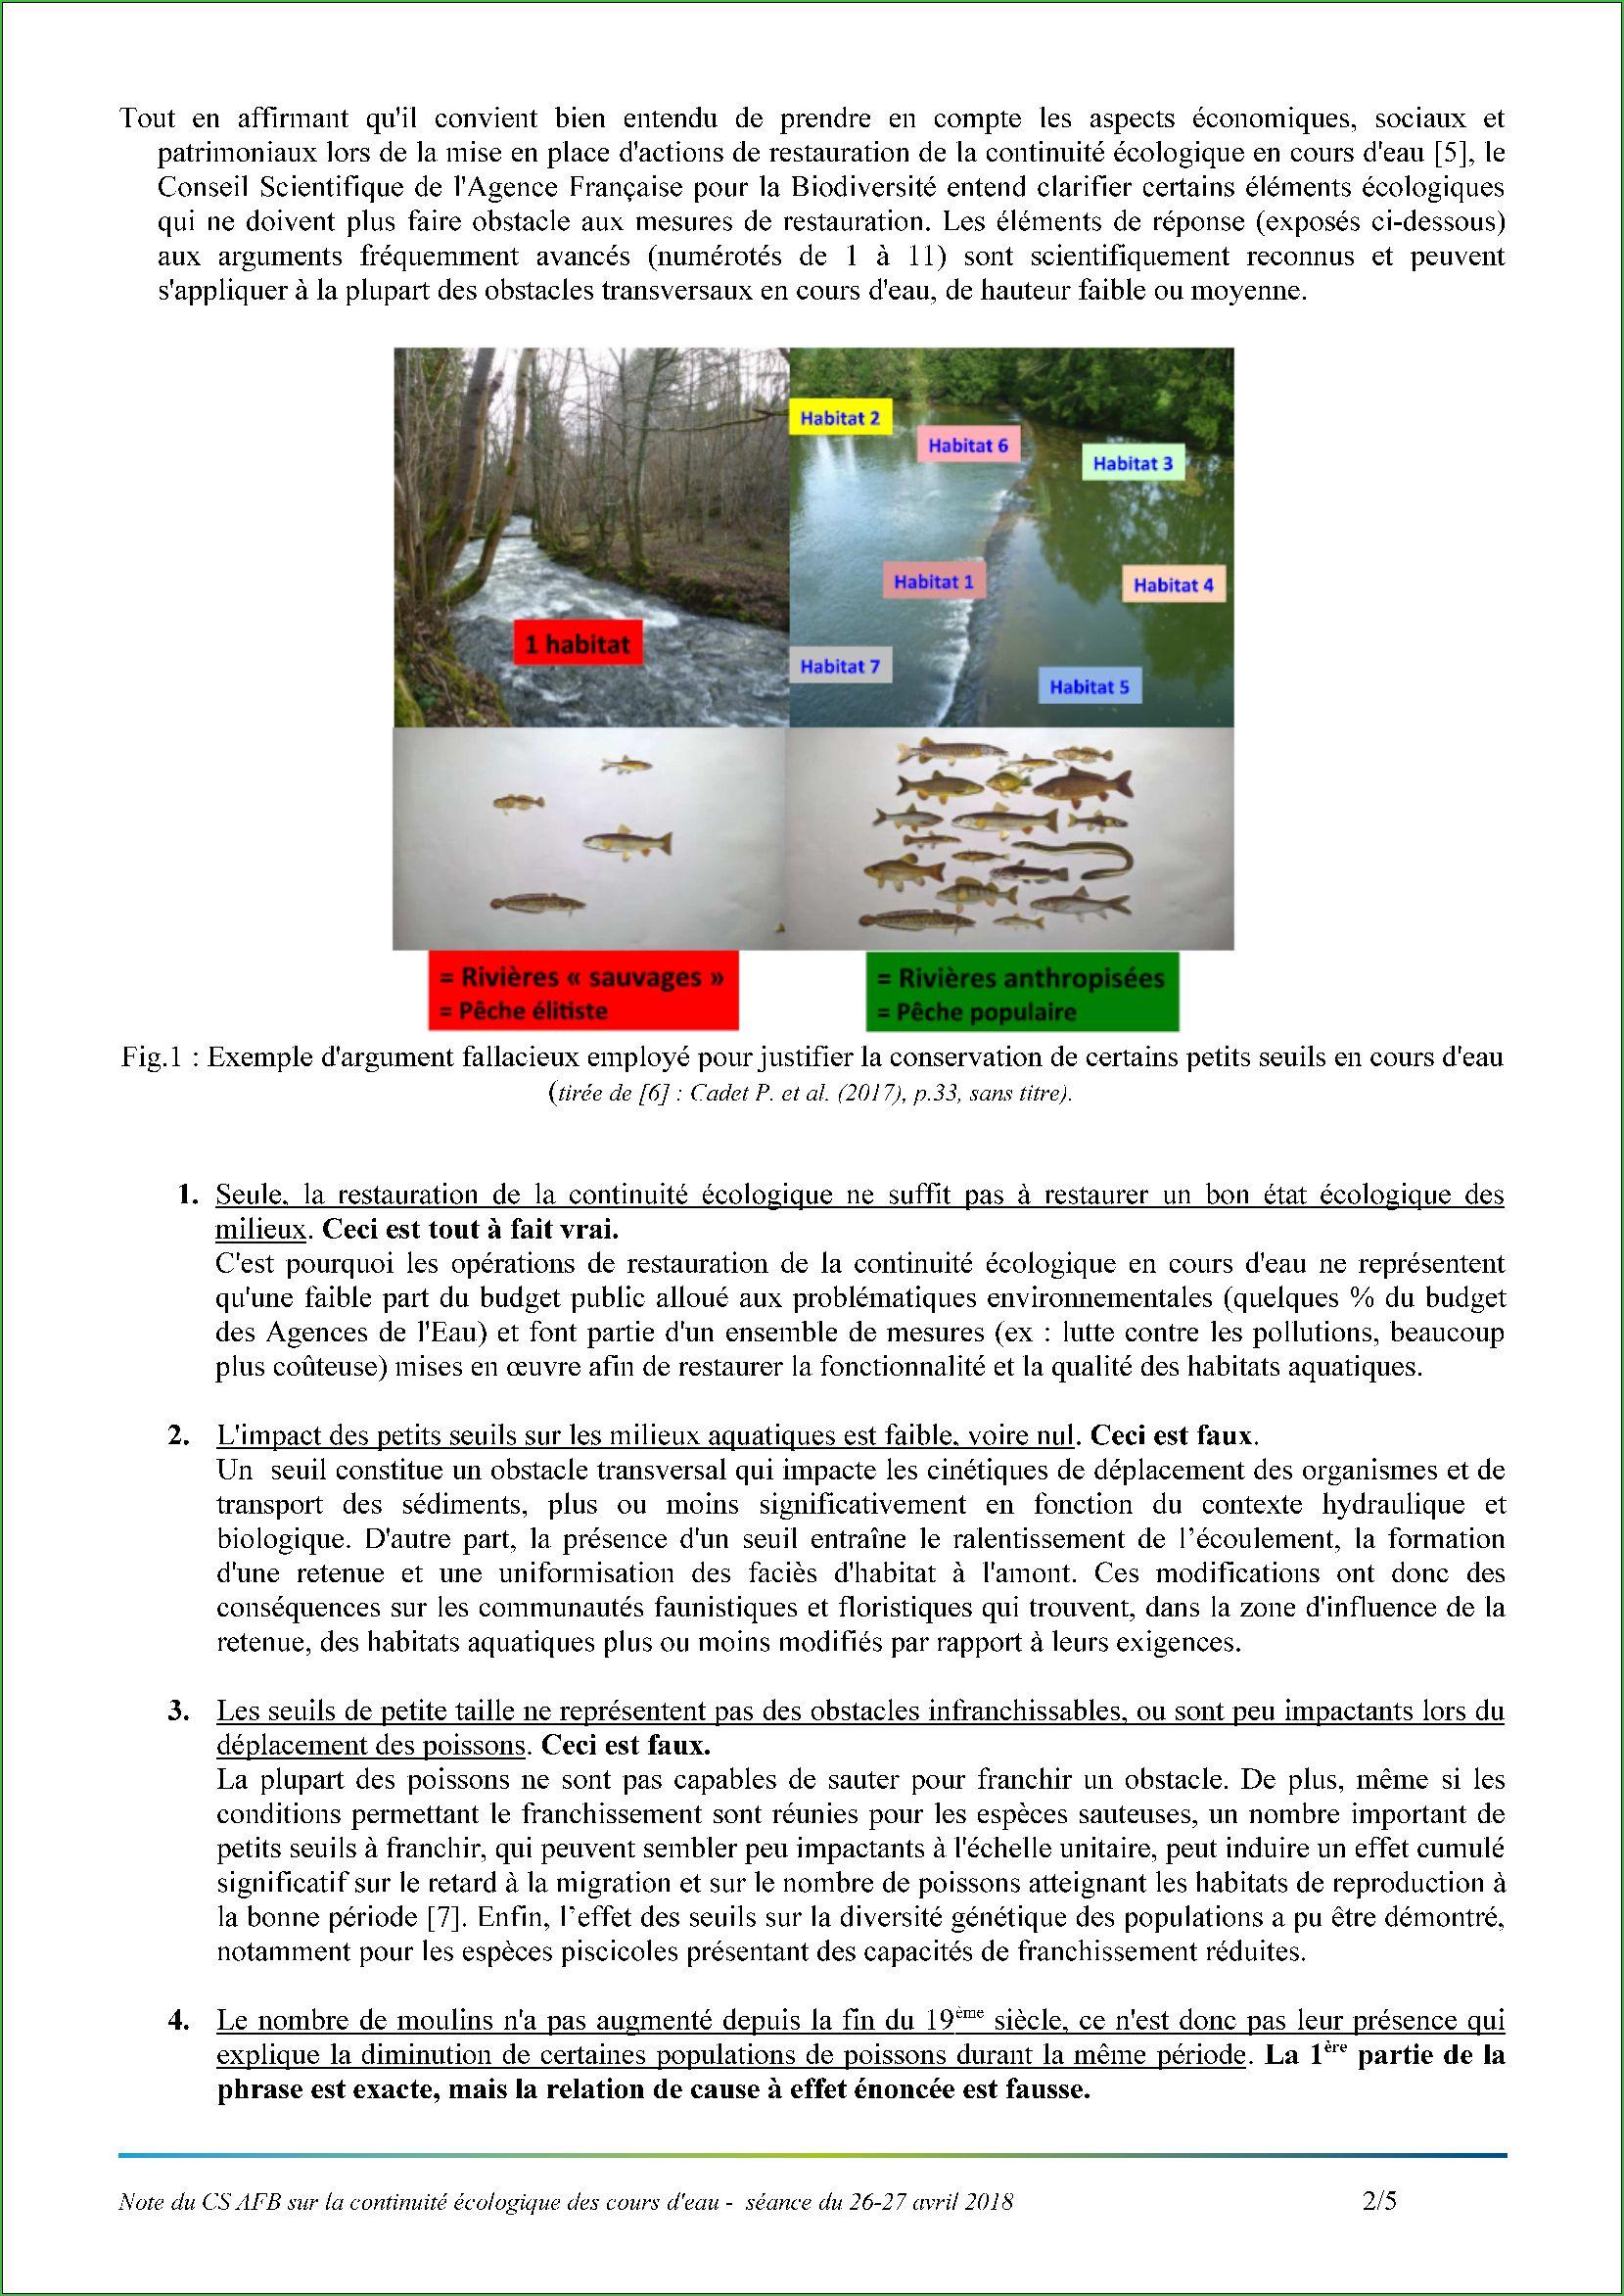 Note AFB sur CE-2